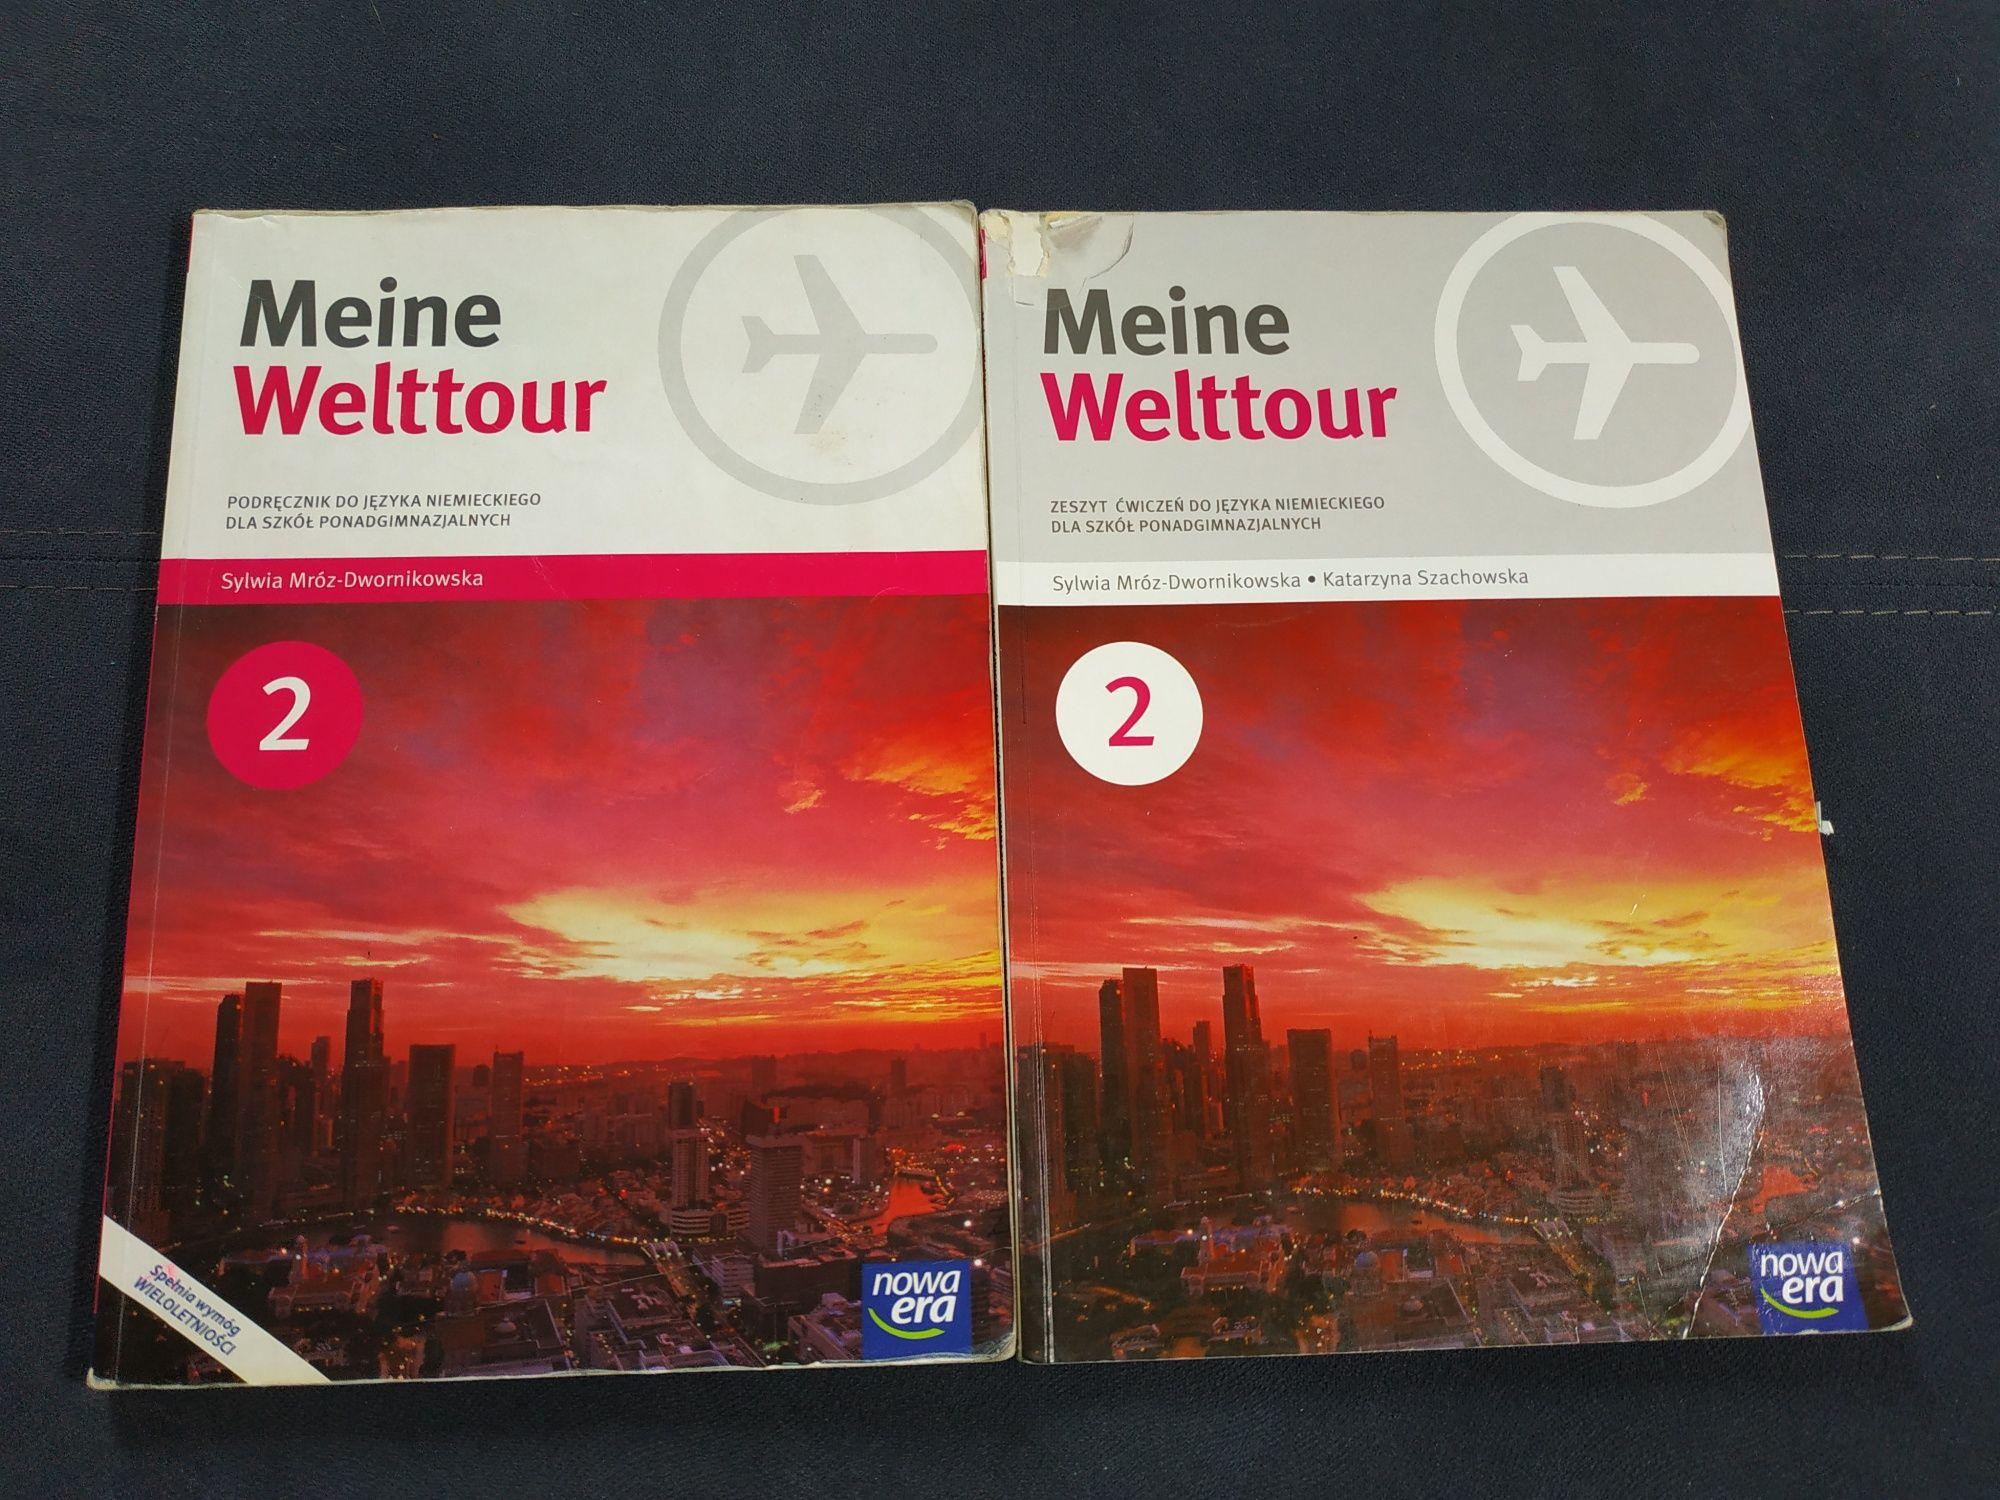 Meine Welttour 2 podręcznik i ćwiczenia do języka niemieckiego